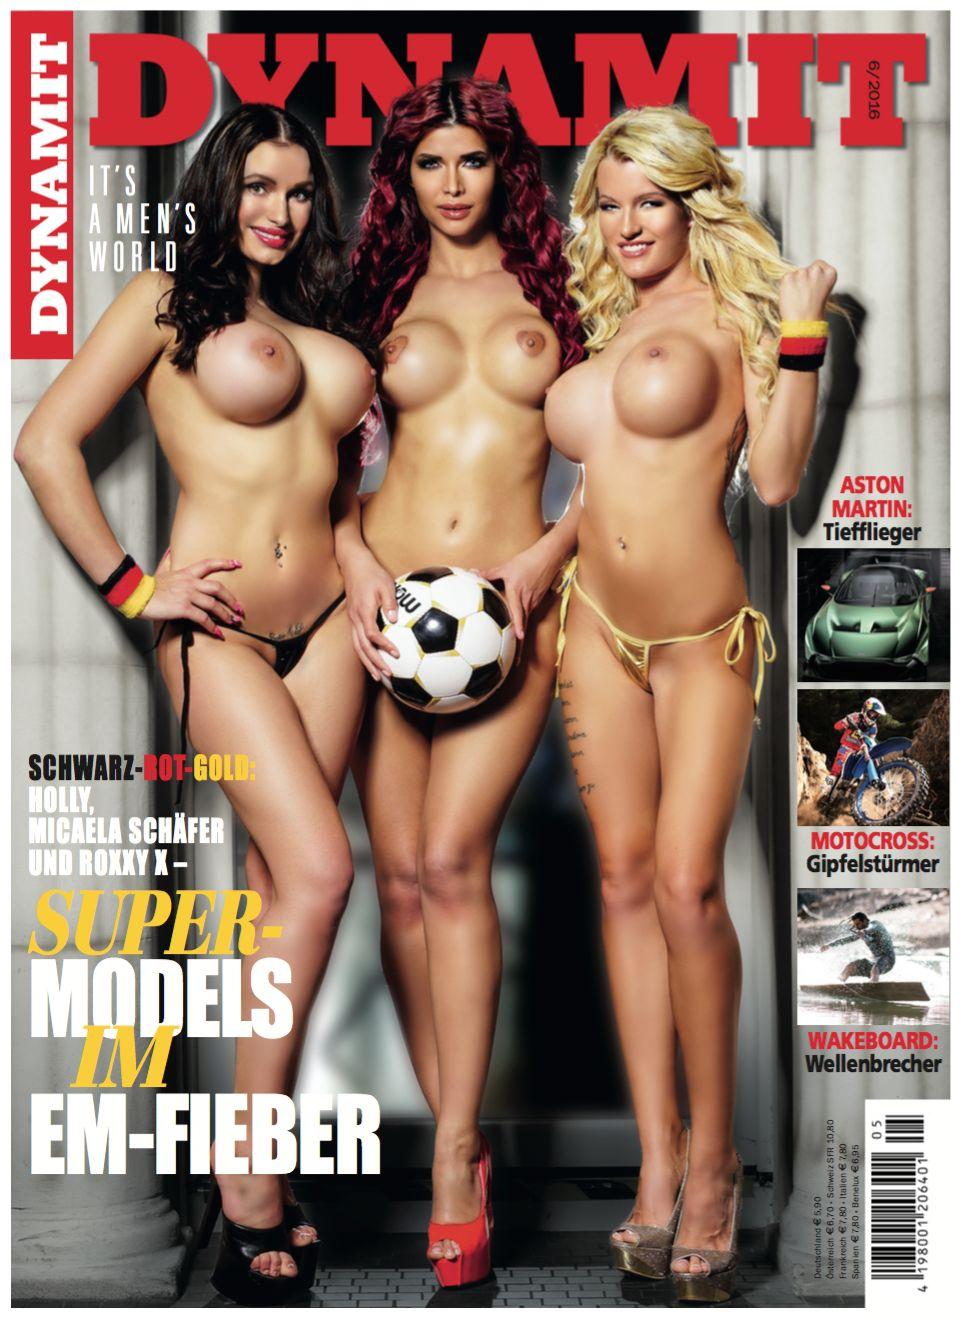 Micaela-Schaefer-Nude-Sexy-8 (1)